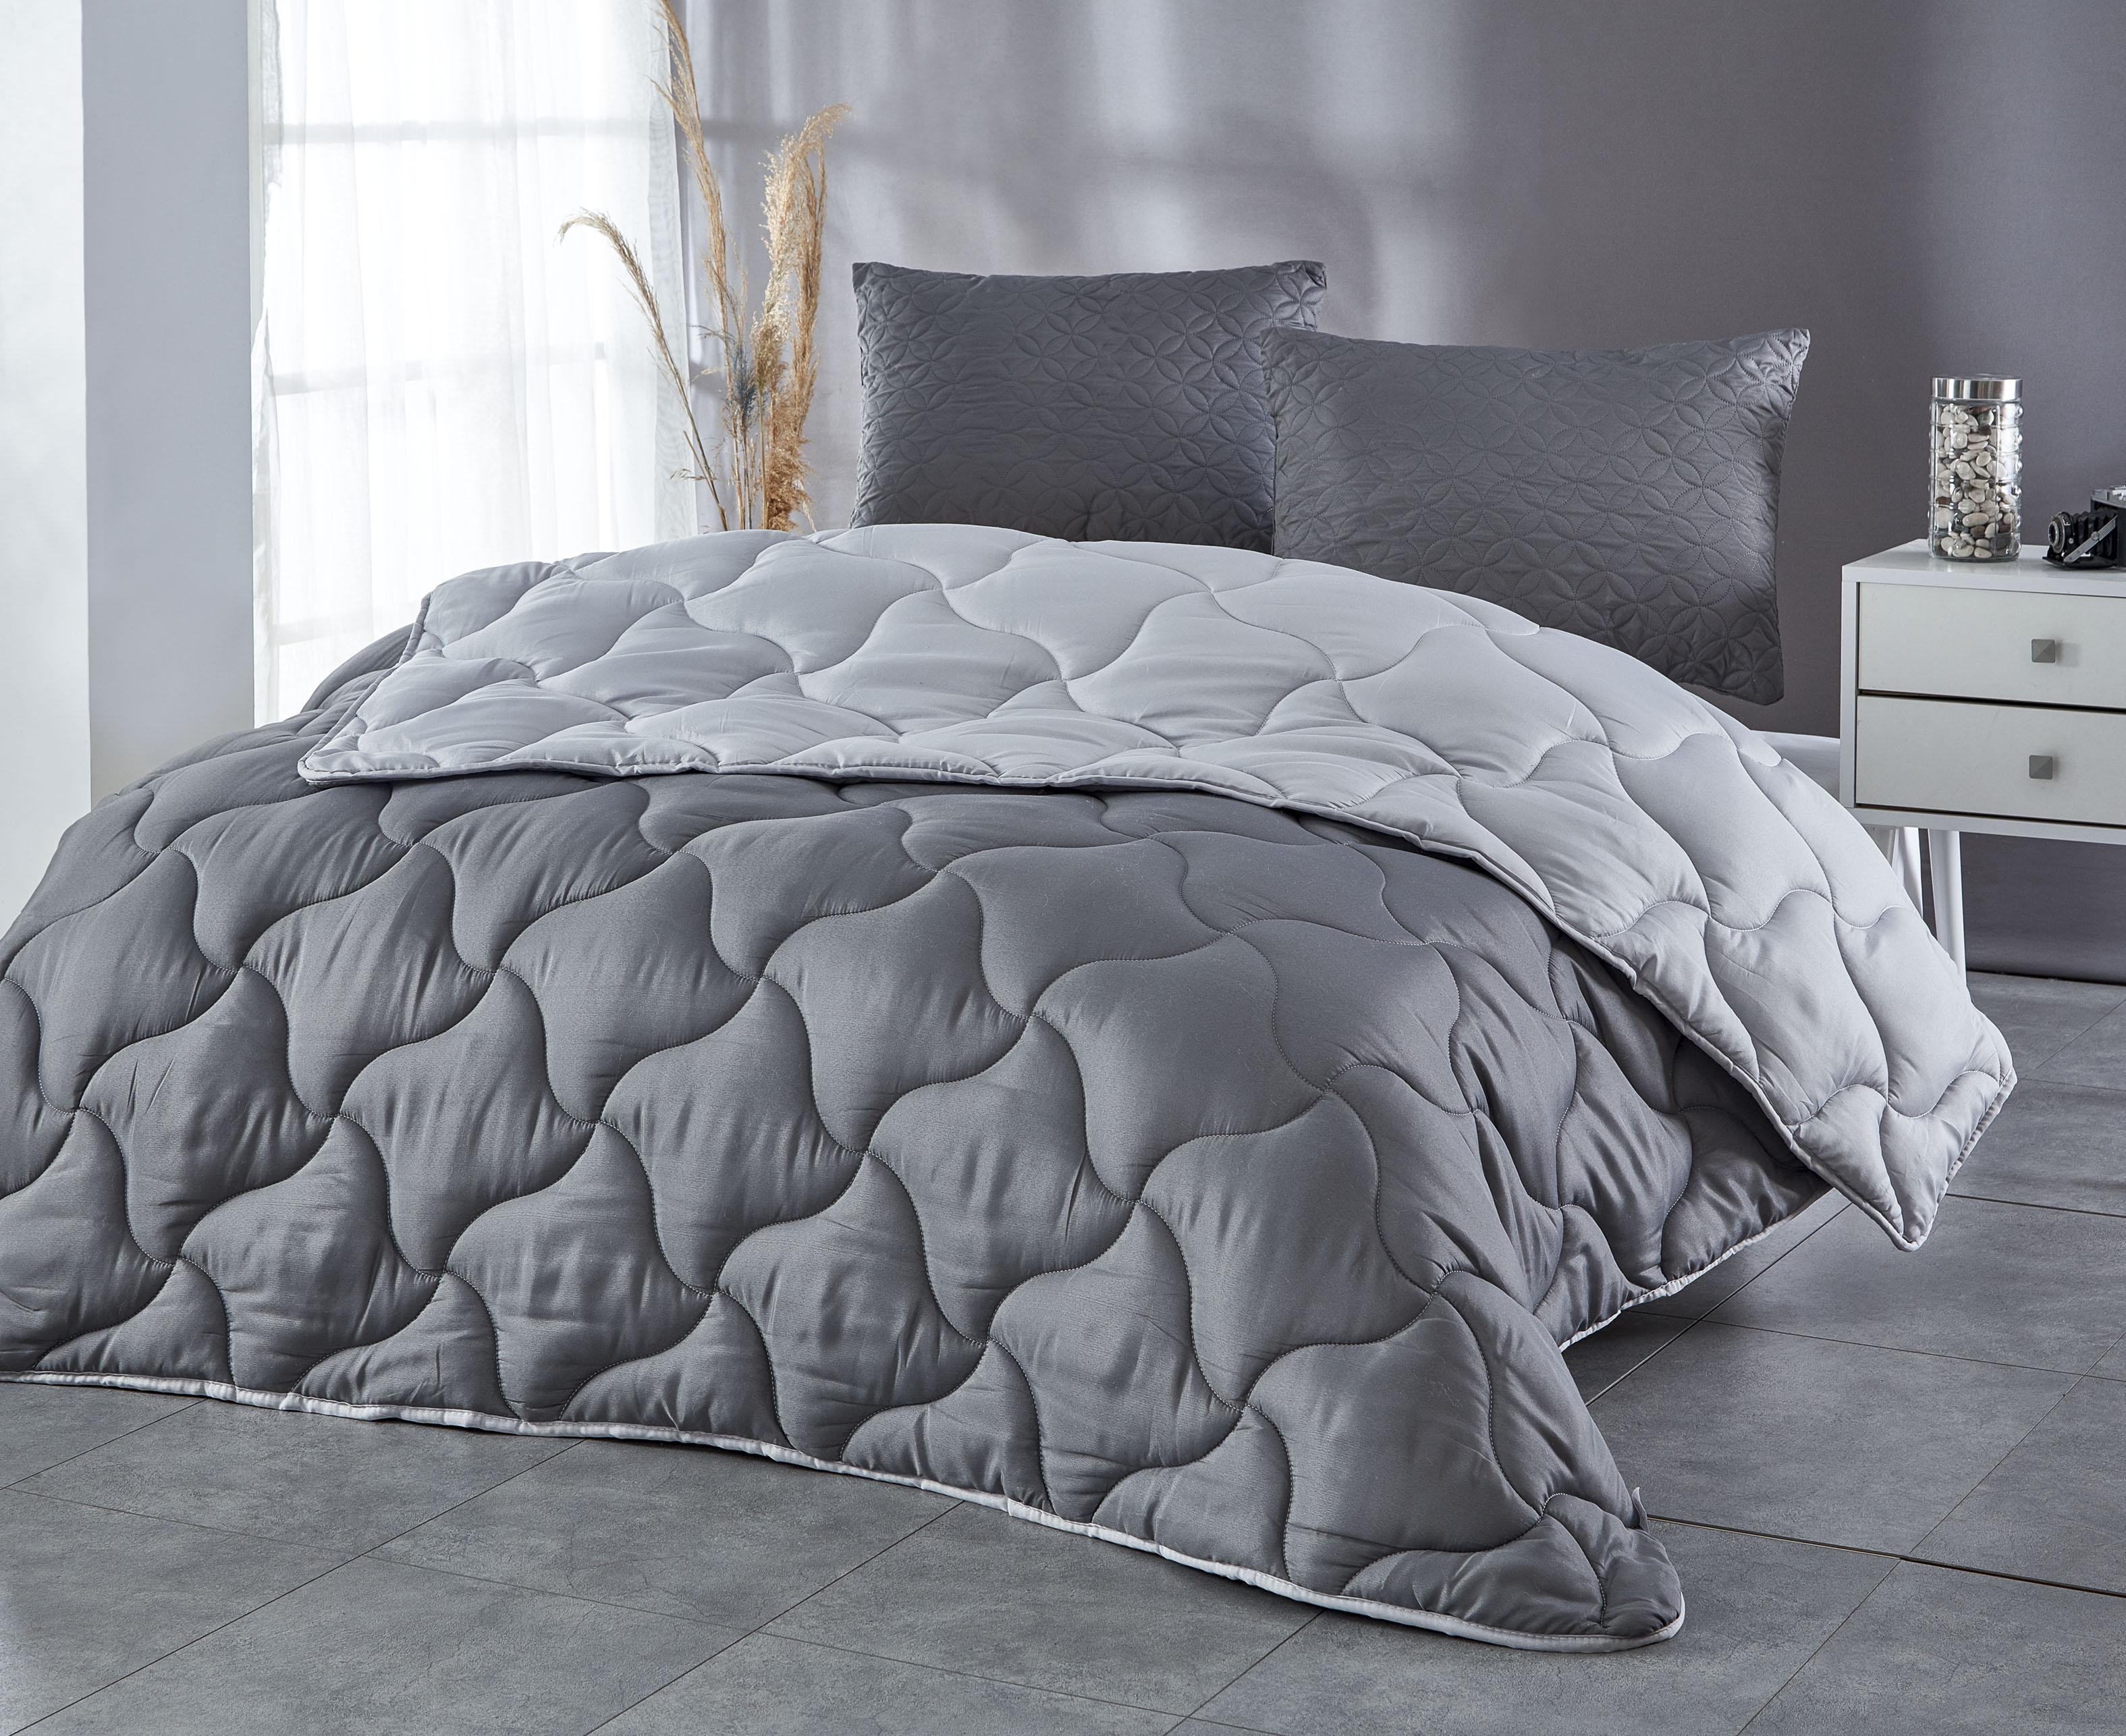 Zirve Home Renkli Tek Kişilik Microfiber Yorgan +1 Yastık